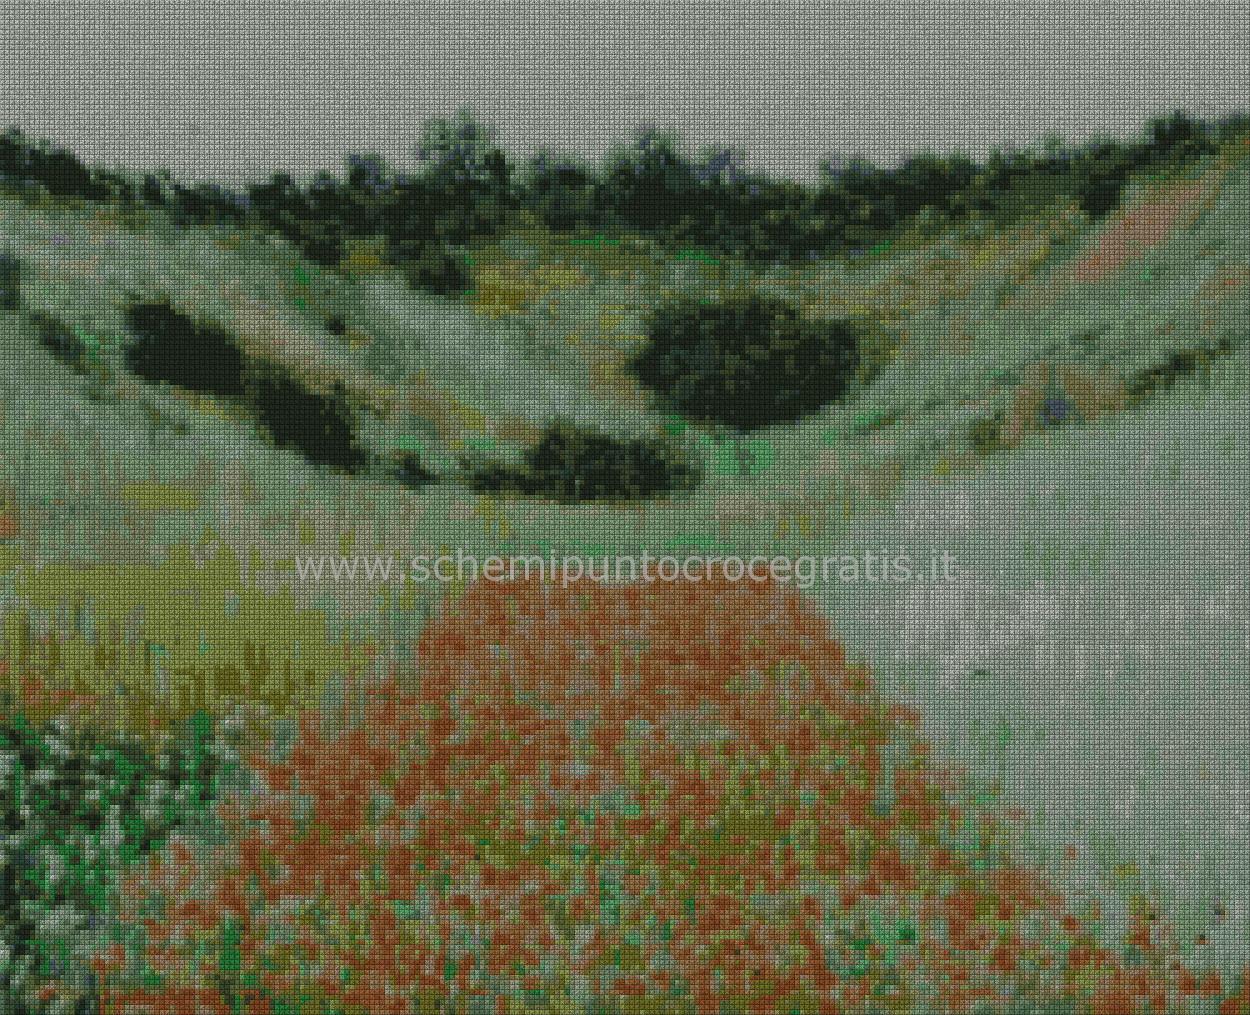 pittori_moderni/monet/Monet02.jpg